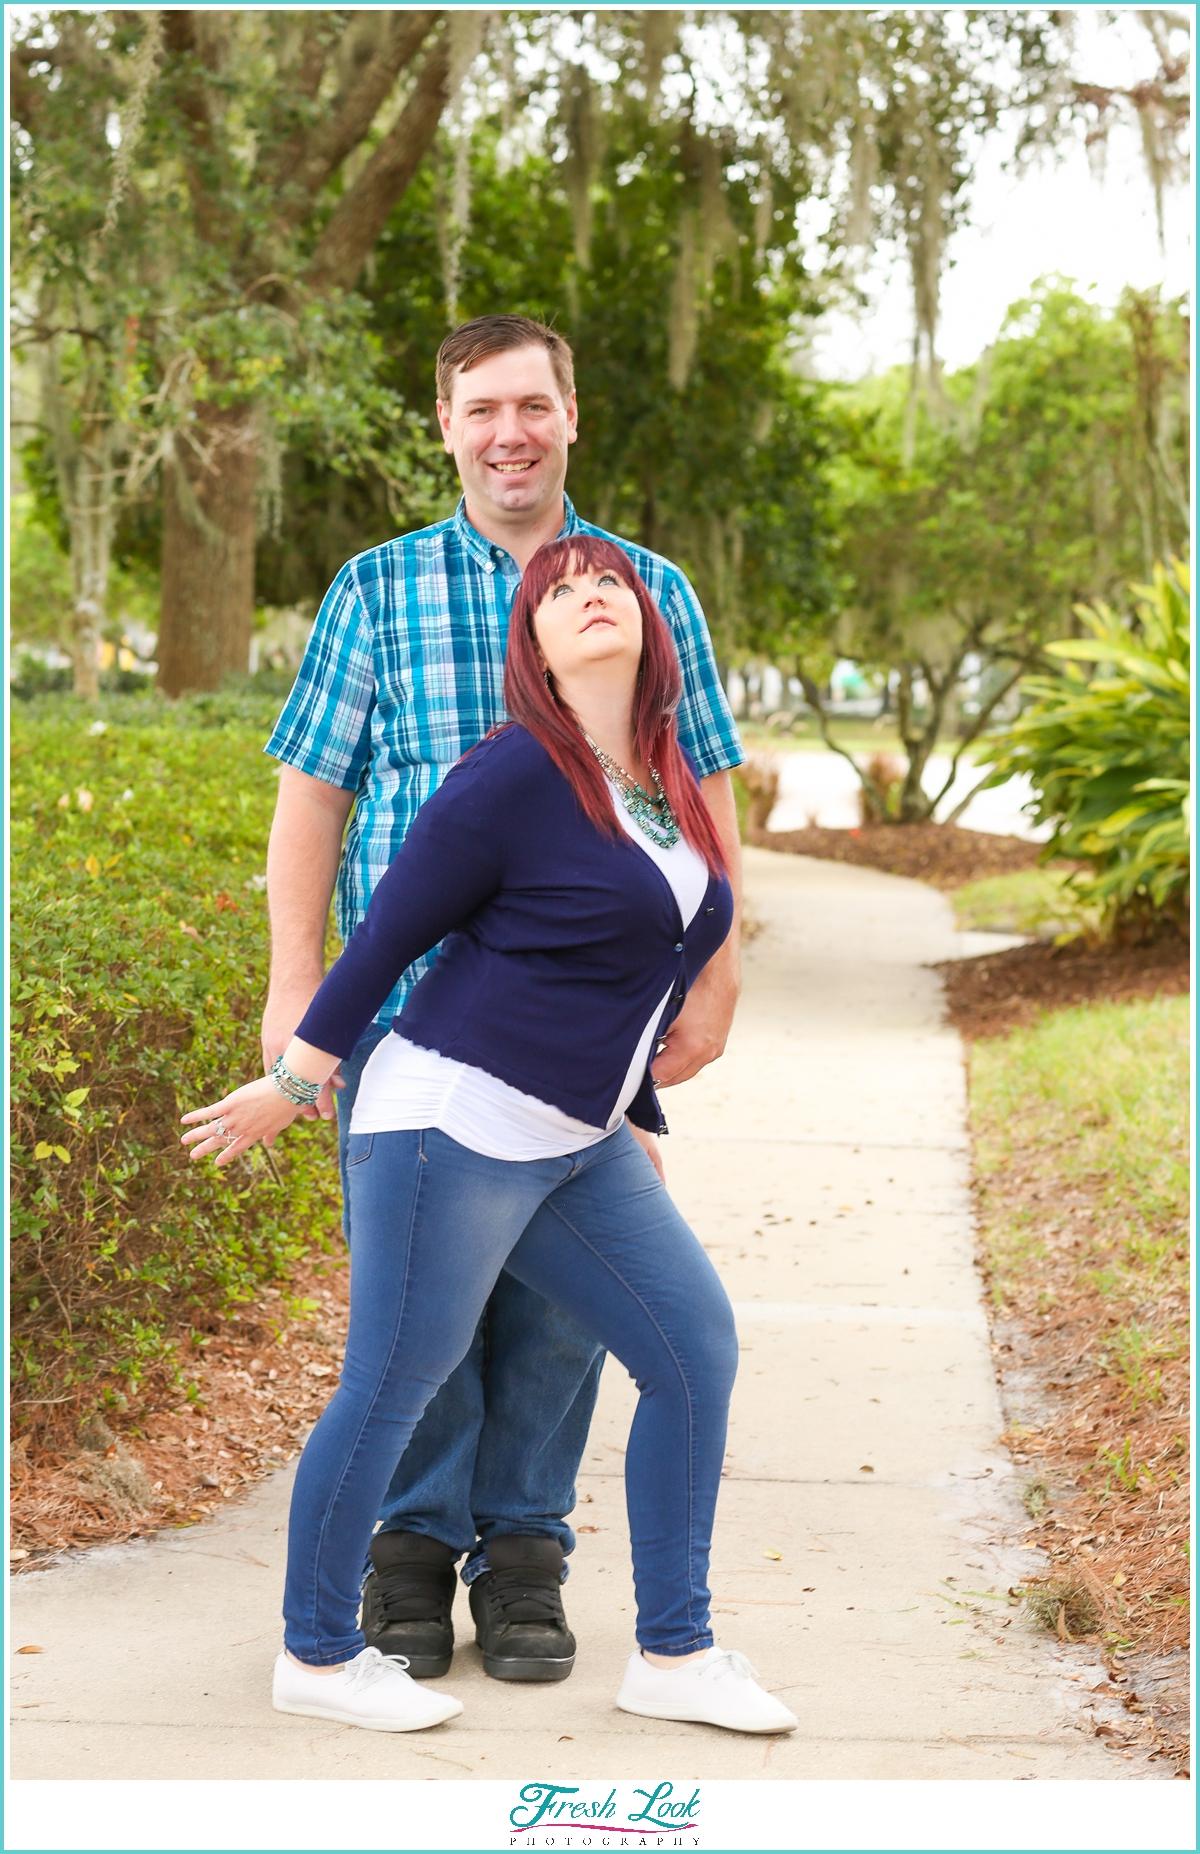 fun couples photoshoot ideas